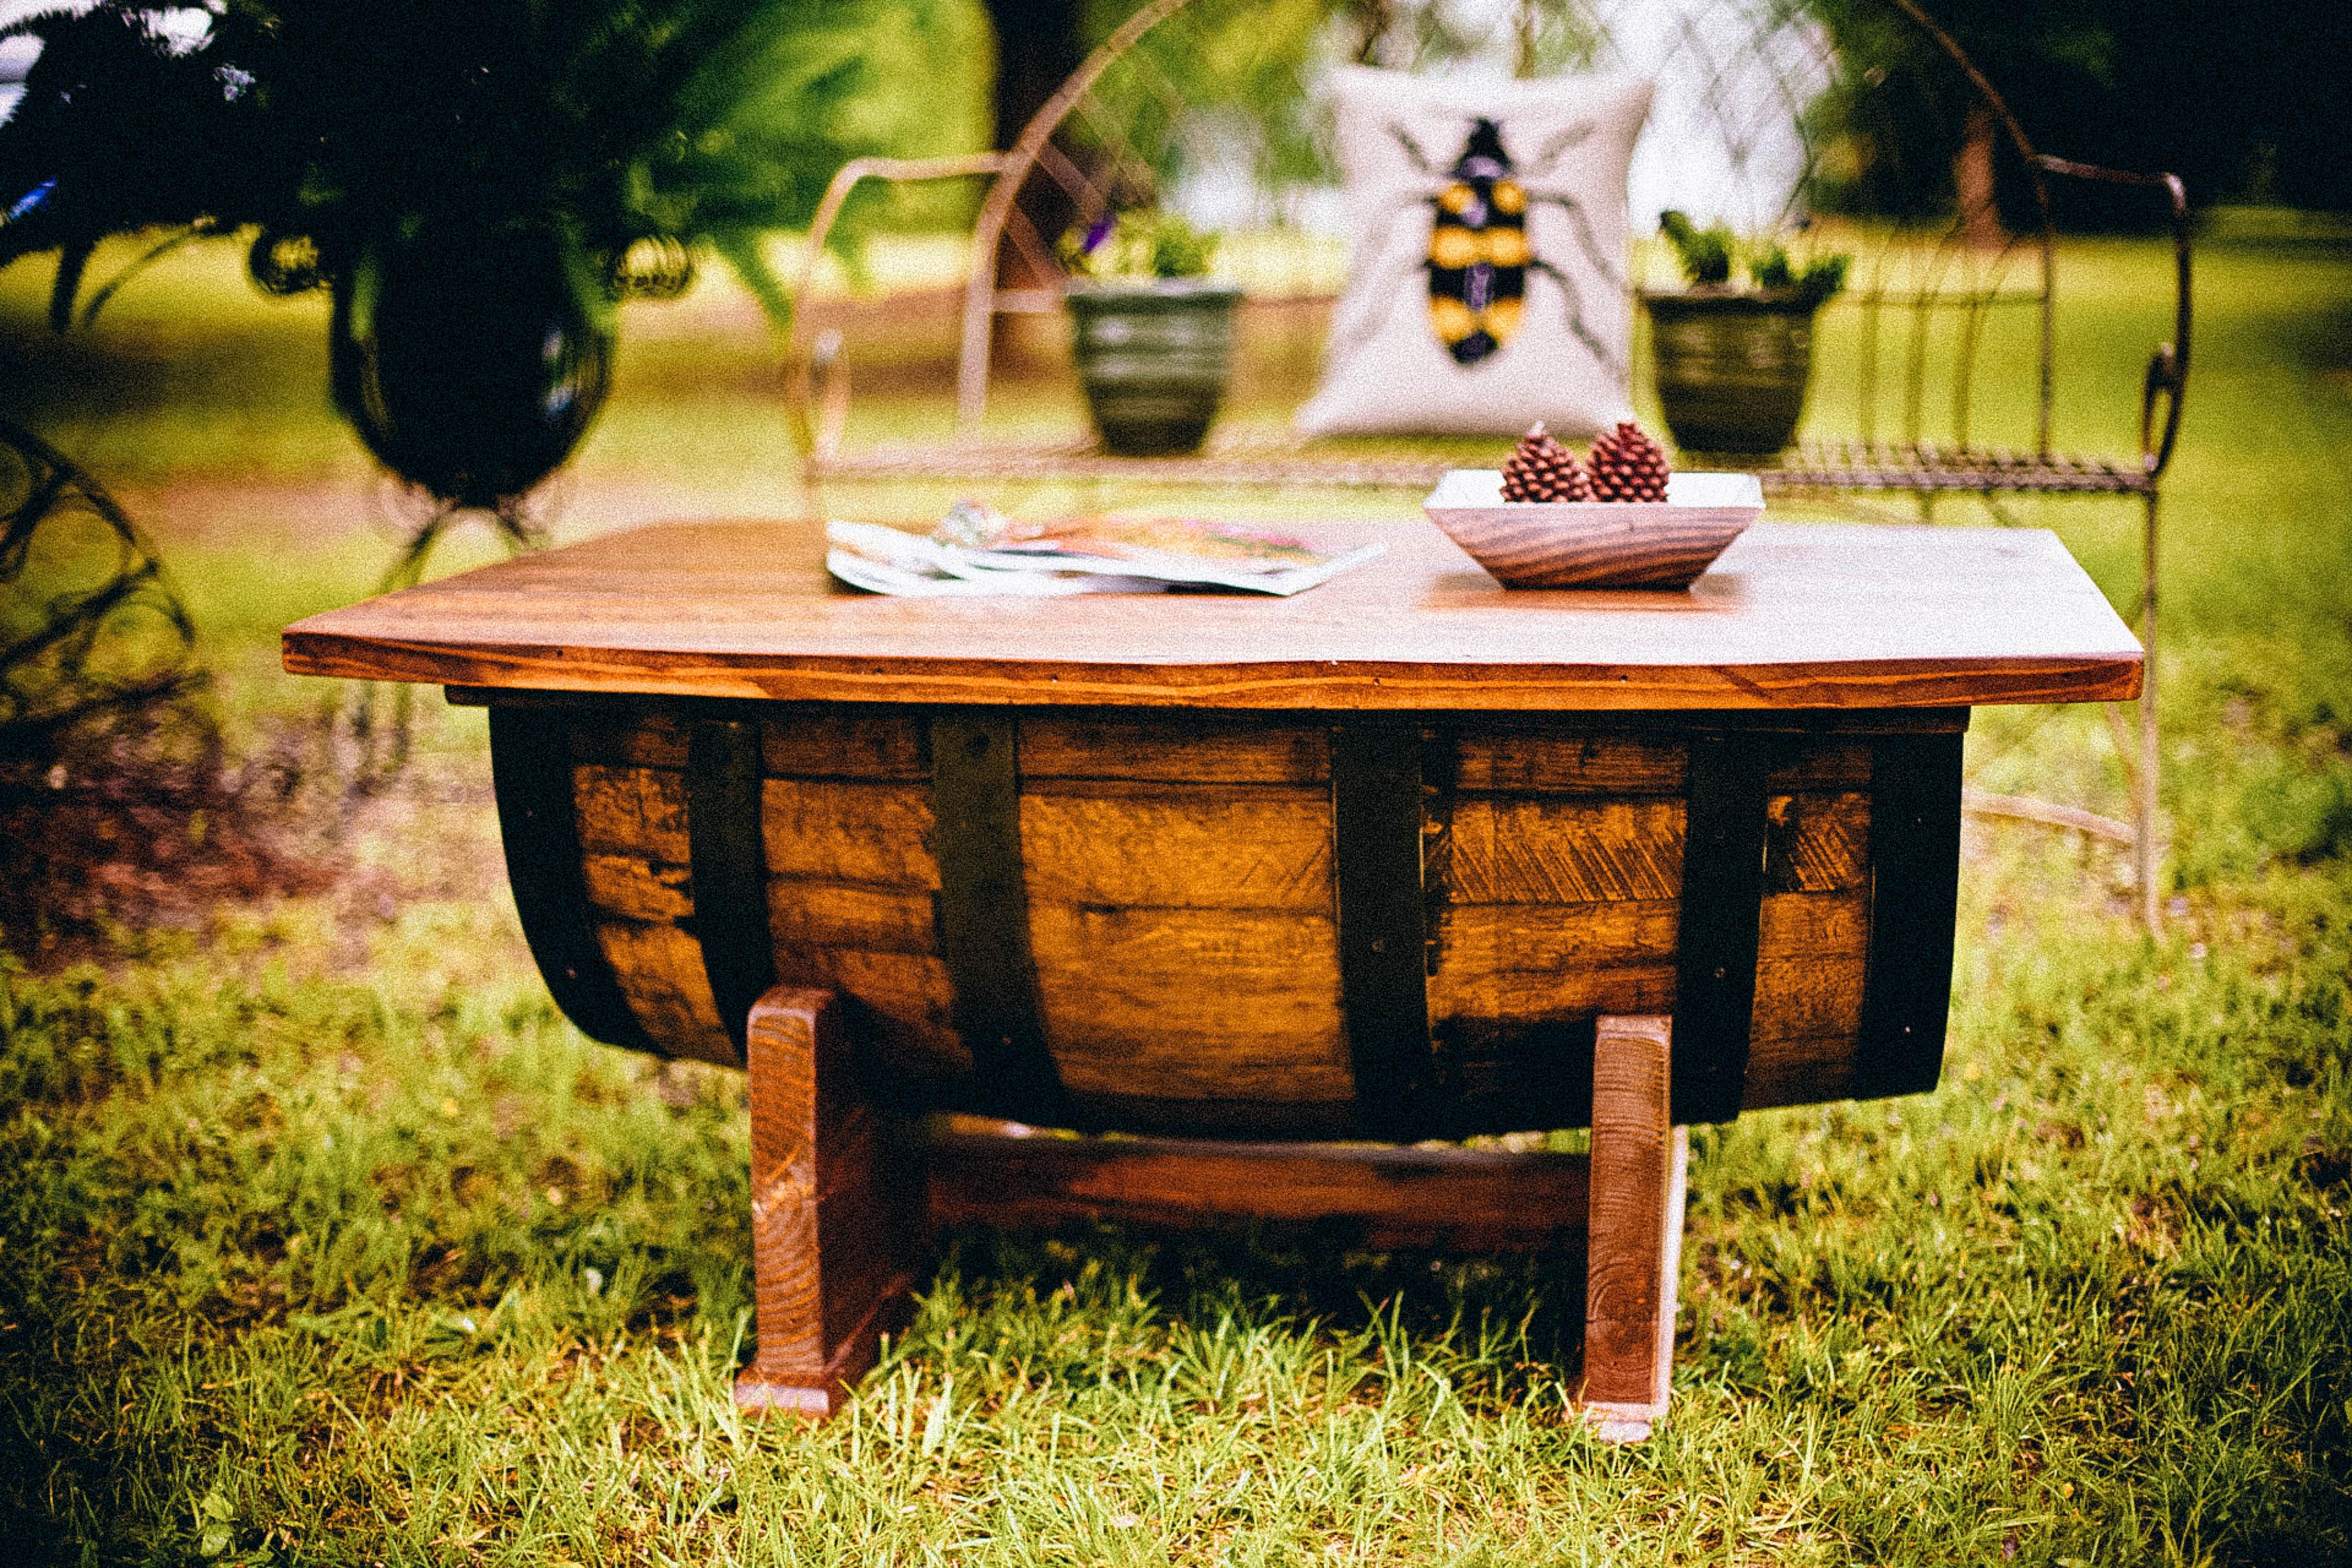 Images Gratuites : rustique, arrière-cour, meubles, jardin, table ...